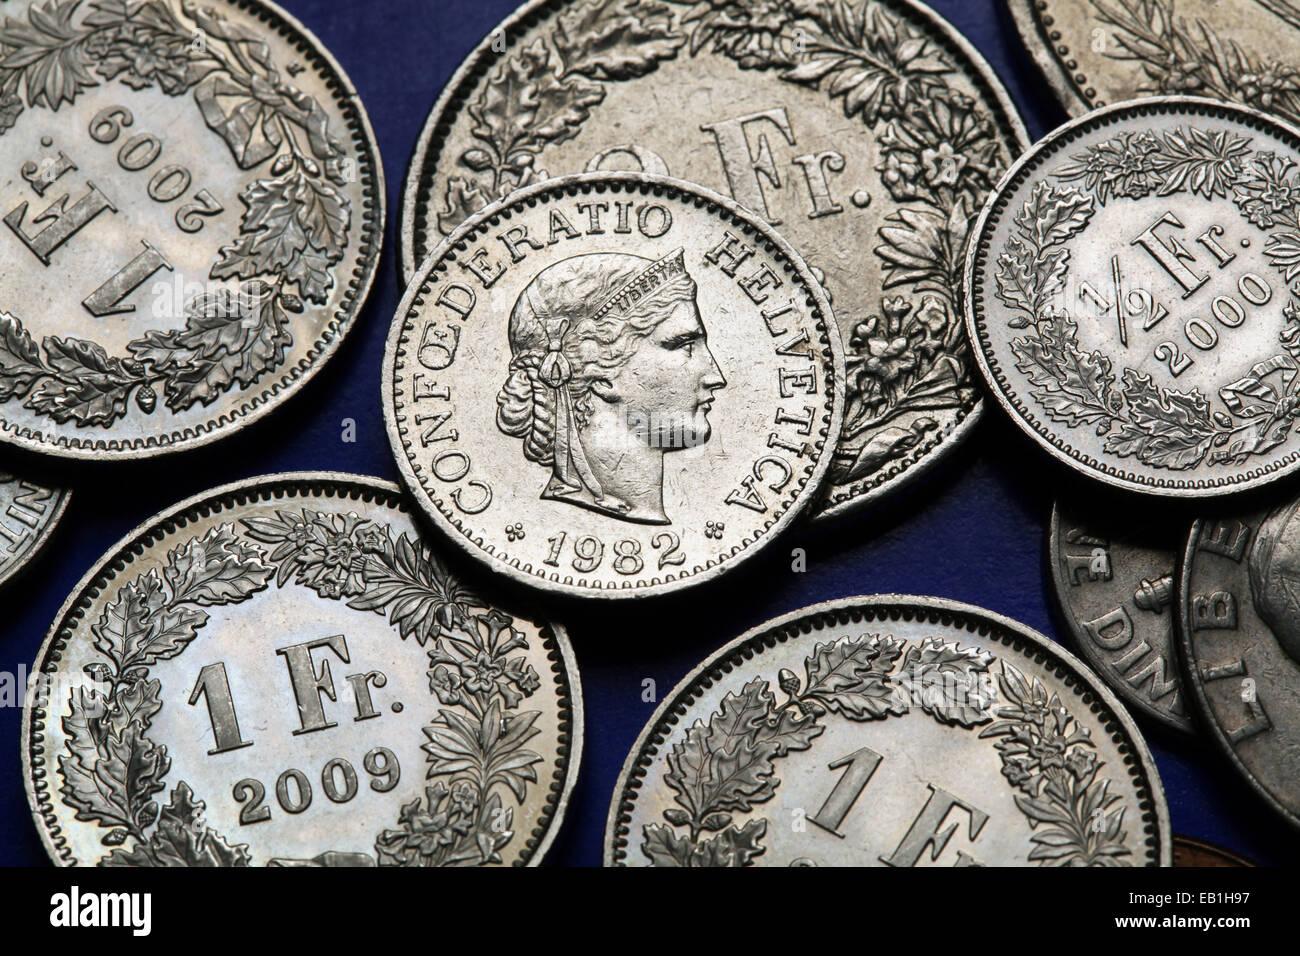 Münzen Münzen Währung Geld Libertas Stockfotos Münzen Münzen